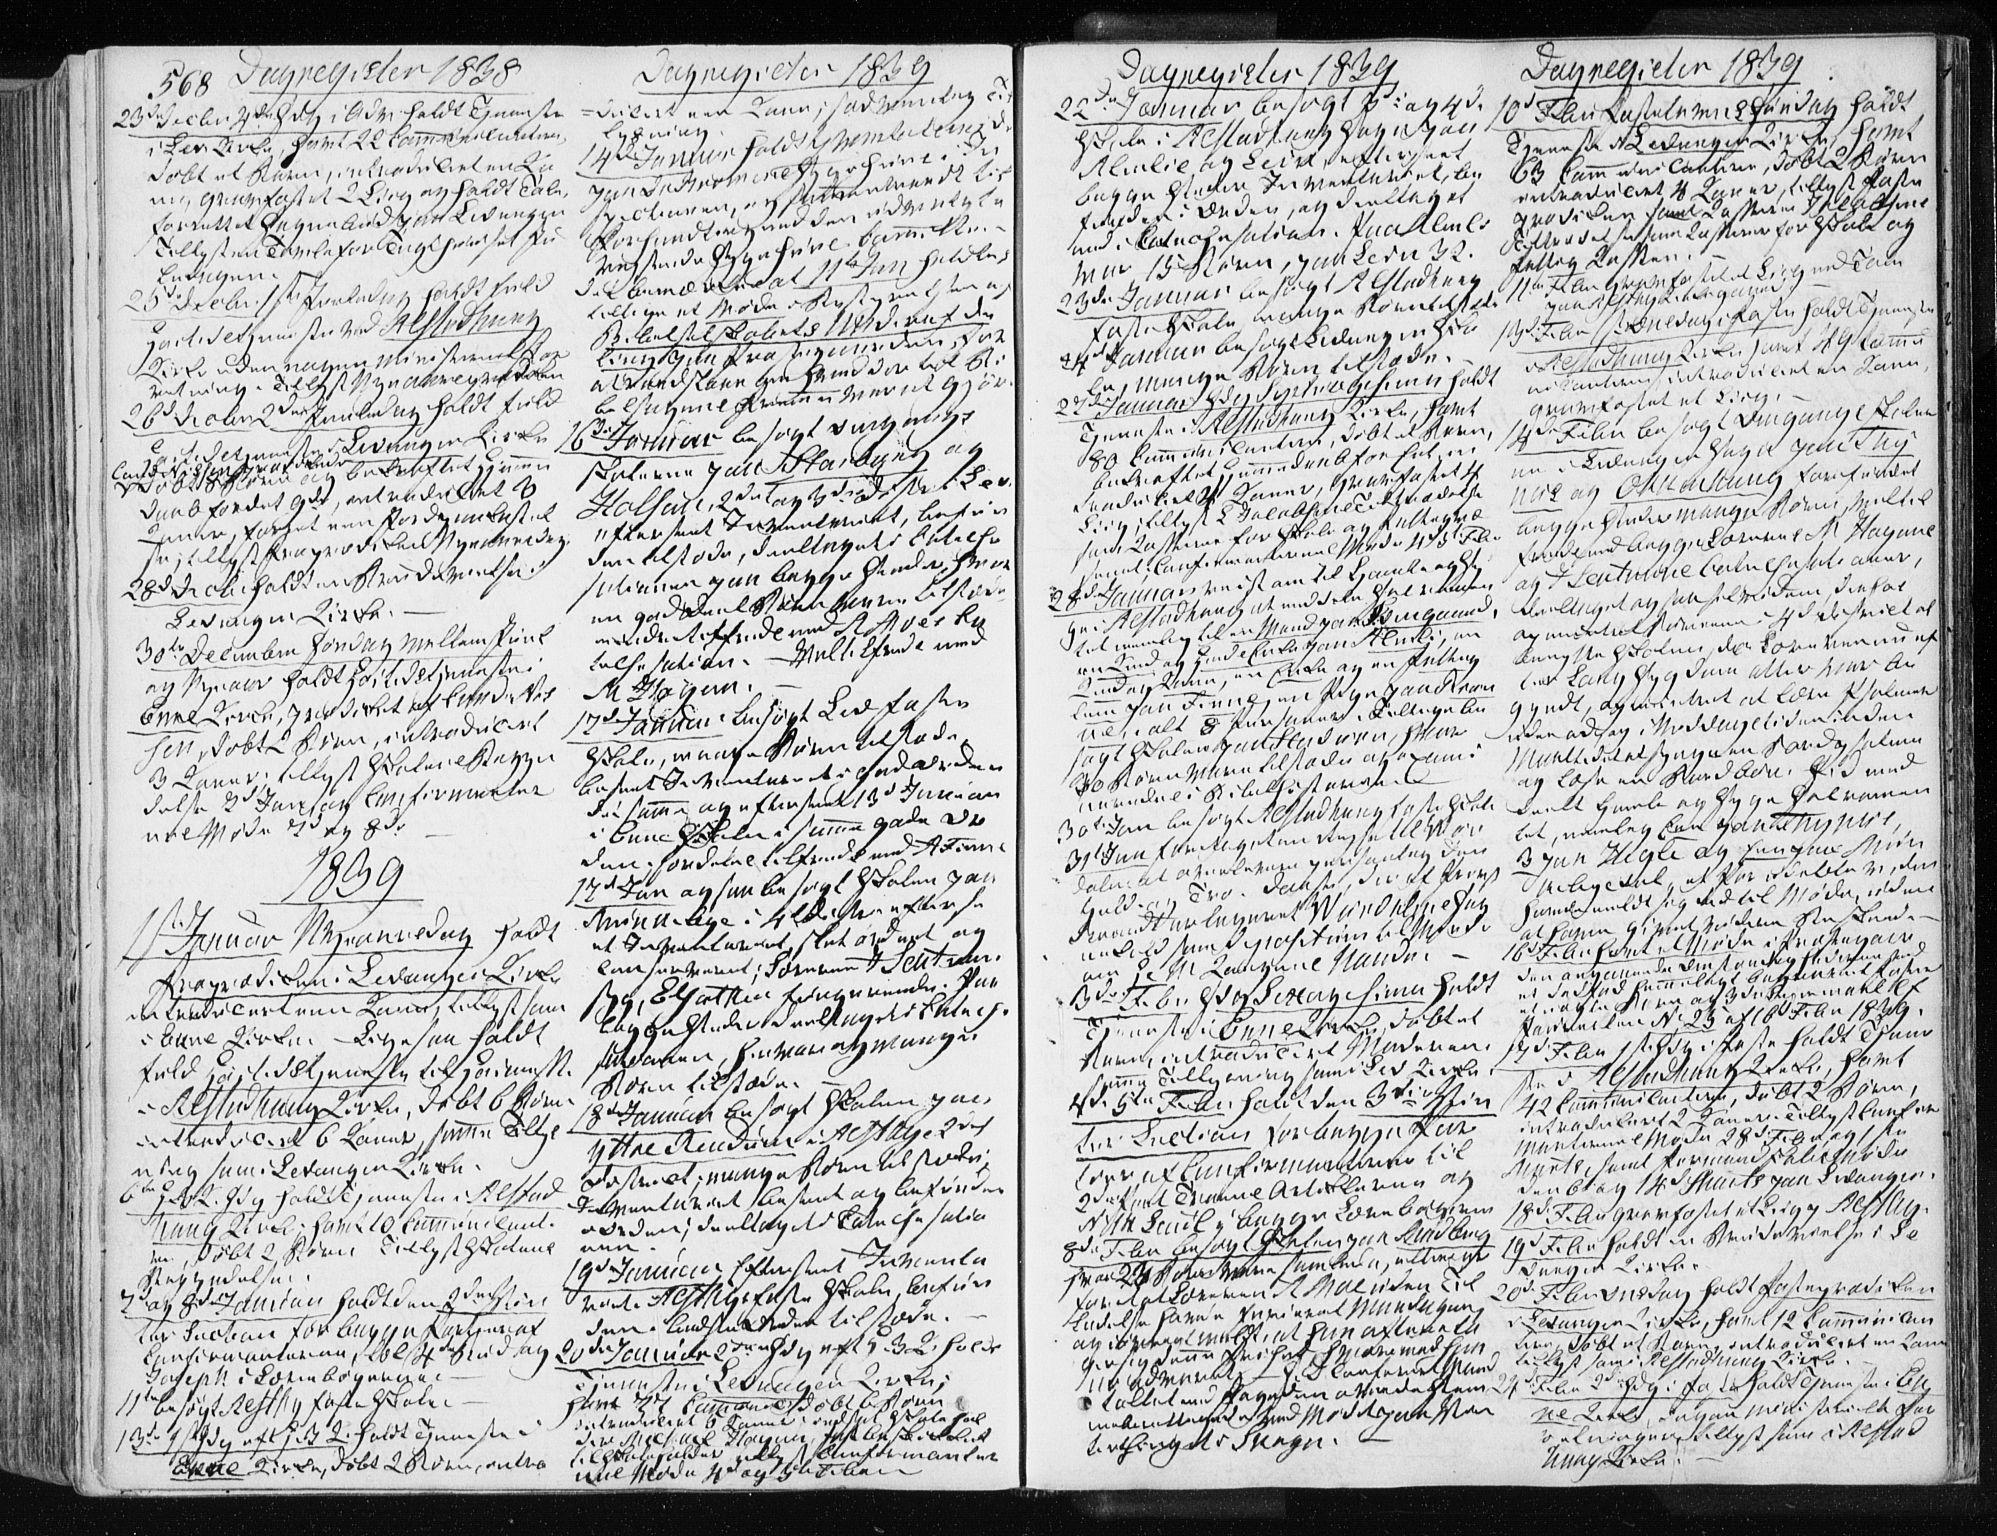 SAT, Ministerialprotokoller, klokkerbøker og fødselsregistre - Nord-Trøndelag, 717/L0154: Ministerialbok nr. 717A06 /1, 1836-1849, s. 568